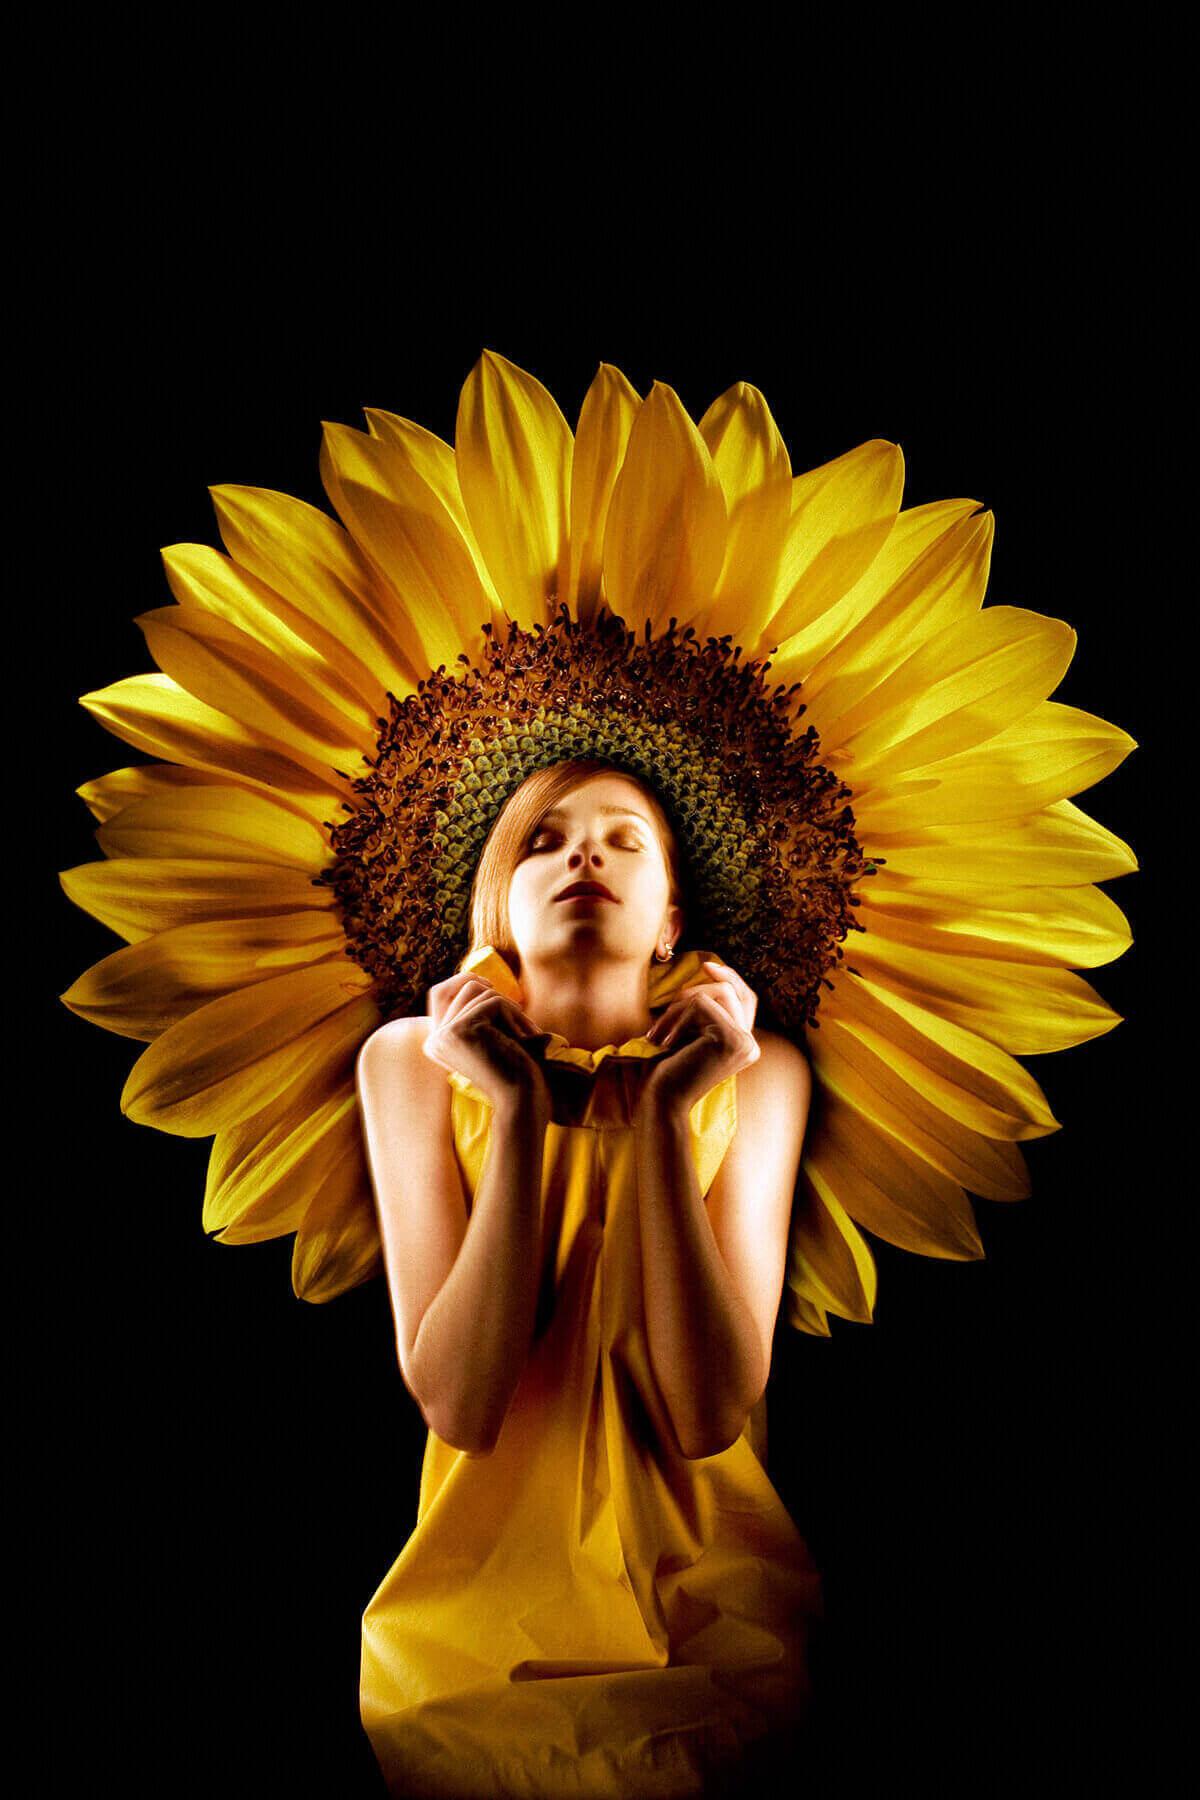 имитация красоты природы в моде - Коллекция PetitPoá Primavera 08